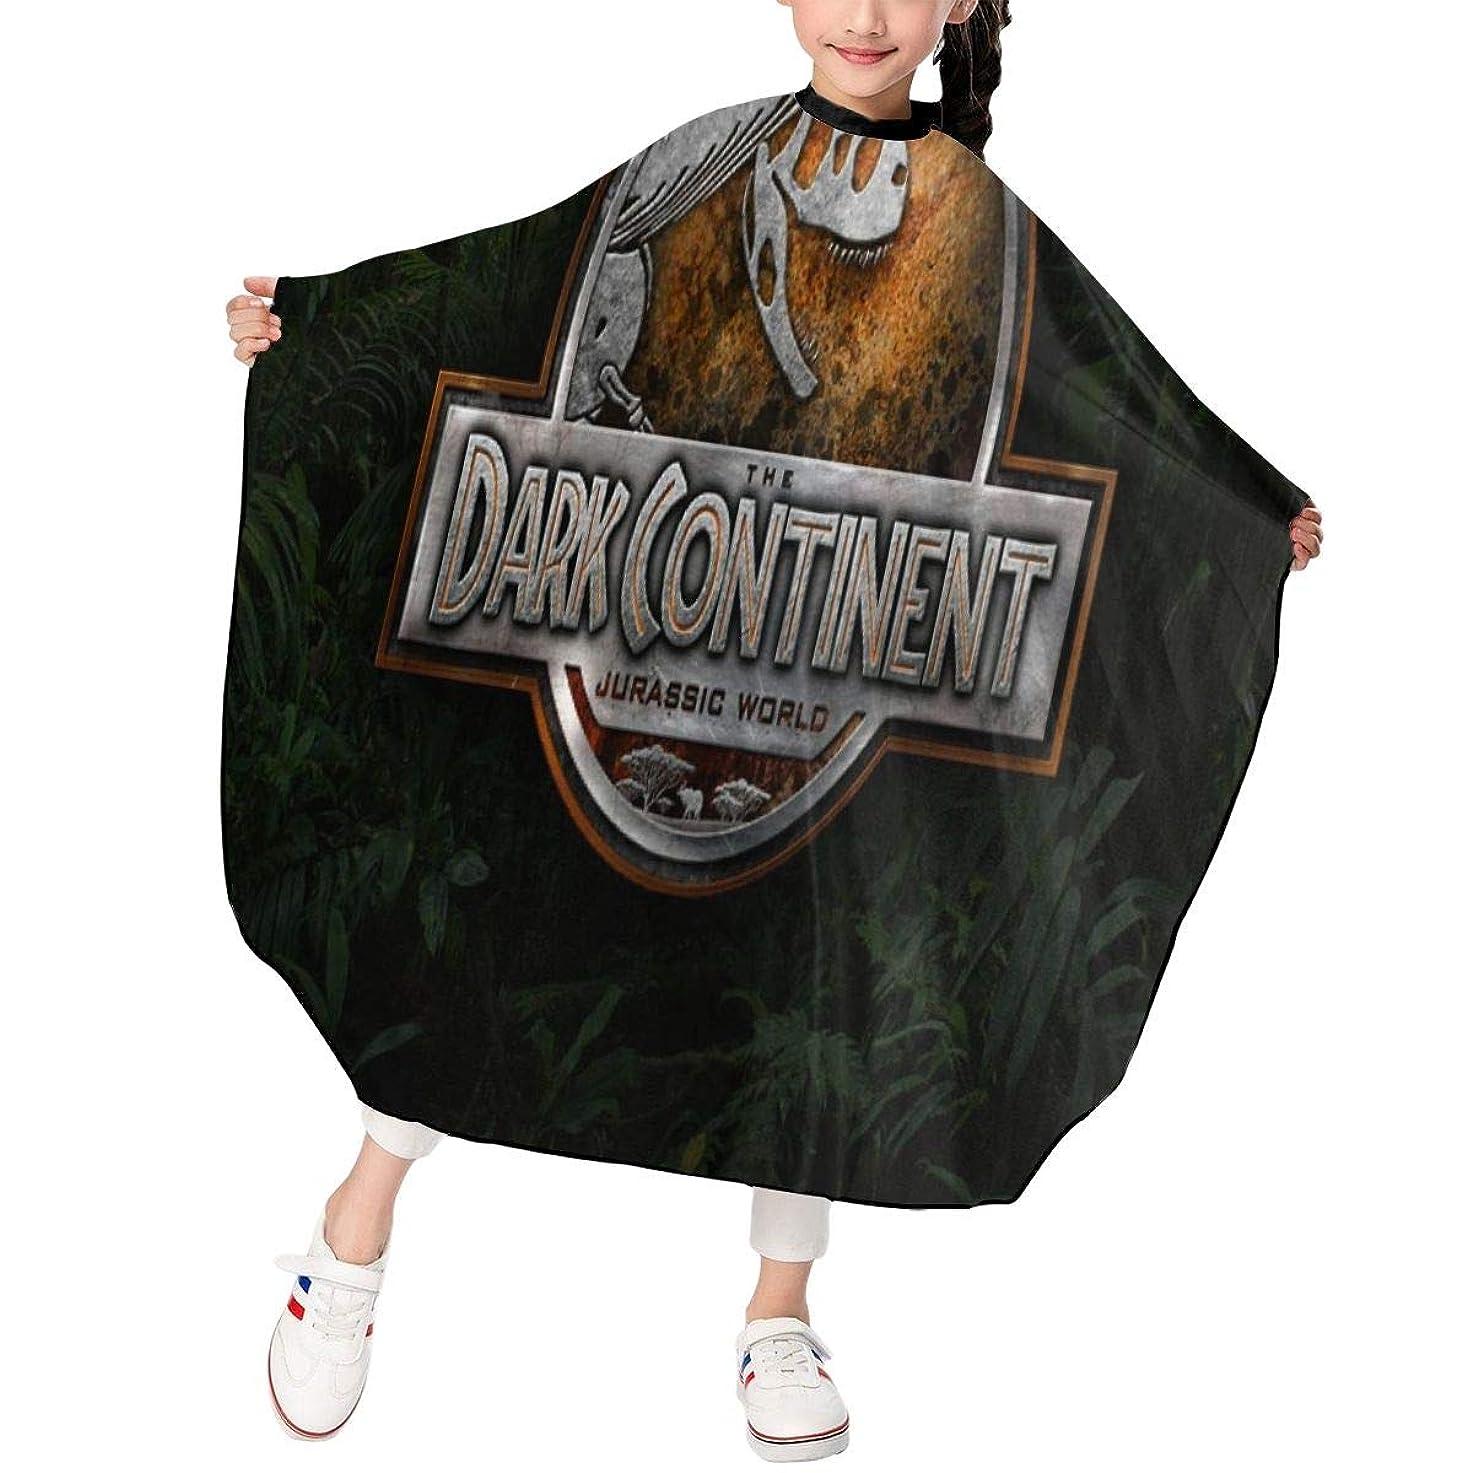 彼先祖間違えた最新の人気ヘアカットエプロン 子供用ヘアカットエプロン120×100cm ジュラ紀恐竜Jurassic World 柔らかく、軽量で、繊細なポリエステル生地、肌にやさしい、ドライ